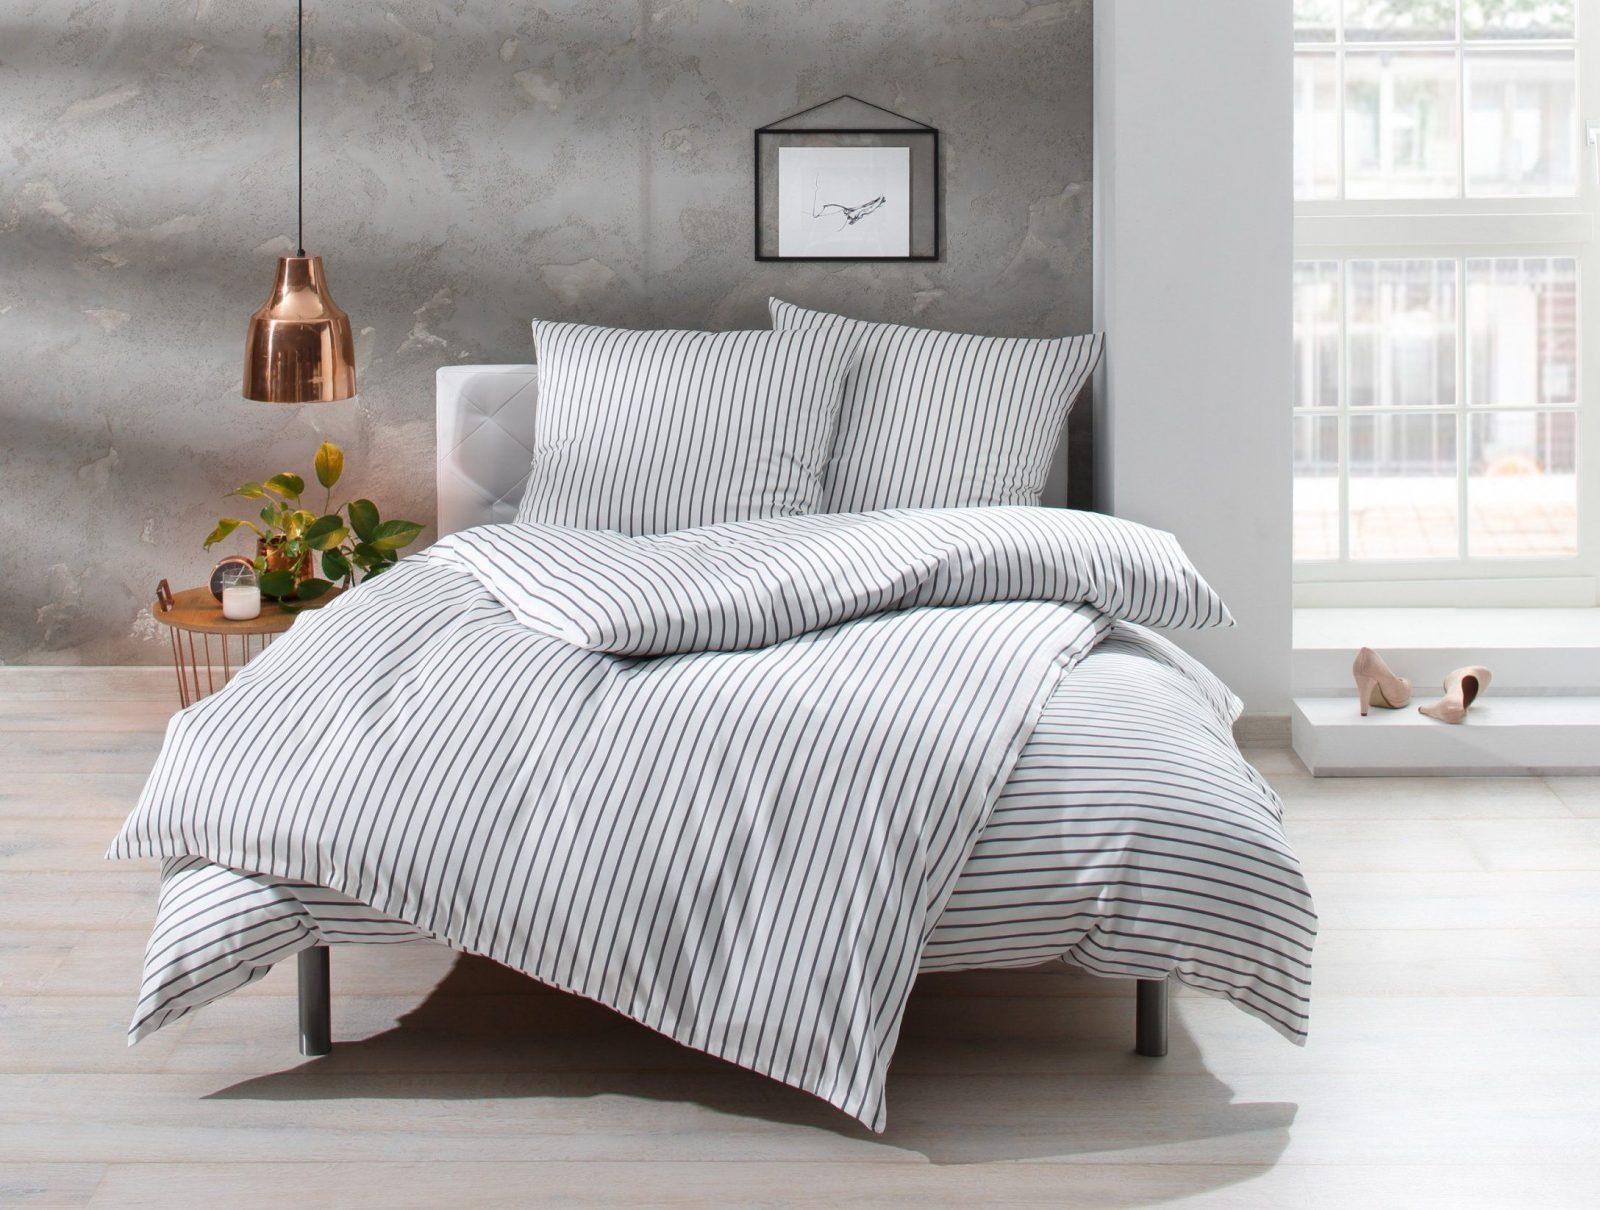 Mako Satin Streifen Bettwäsche Grau Weiß Gestreift Online Kaufen  Bms von Bettwäsche Mako Satin Grau Photo